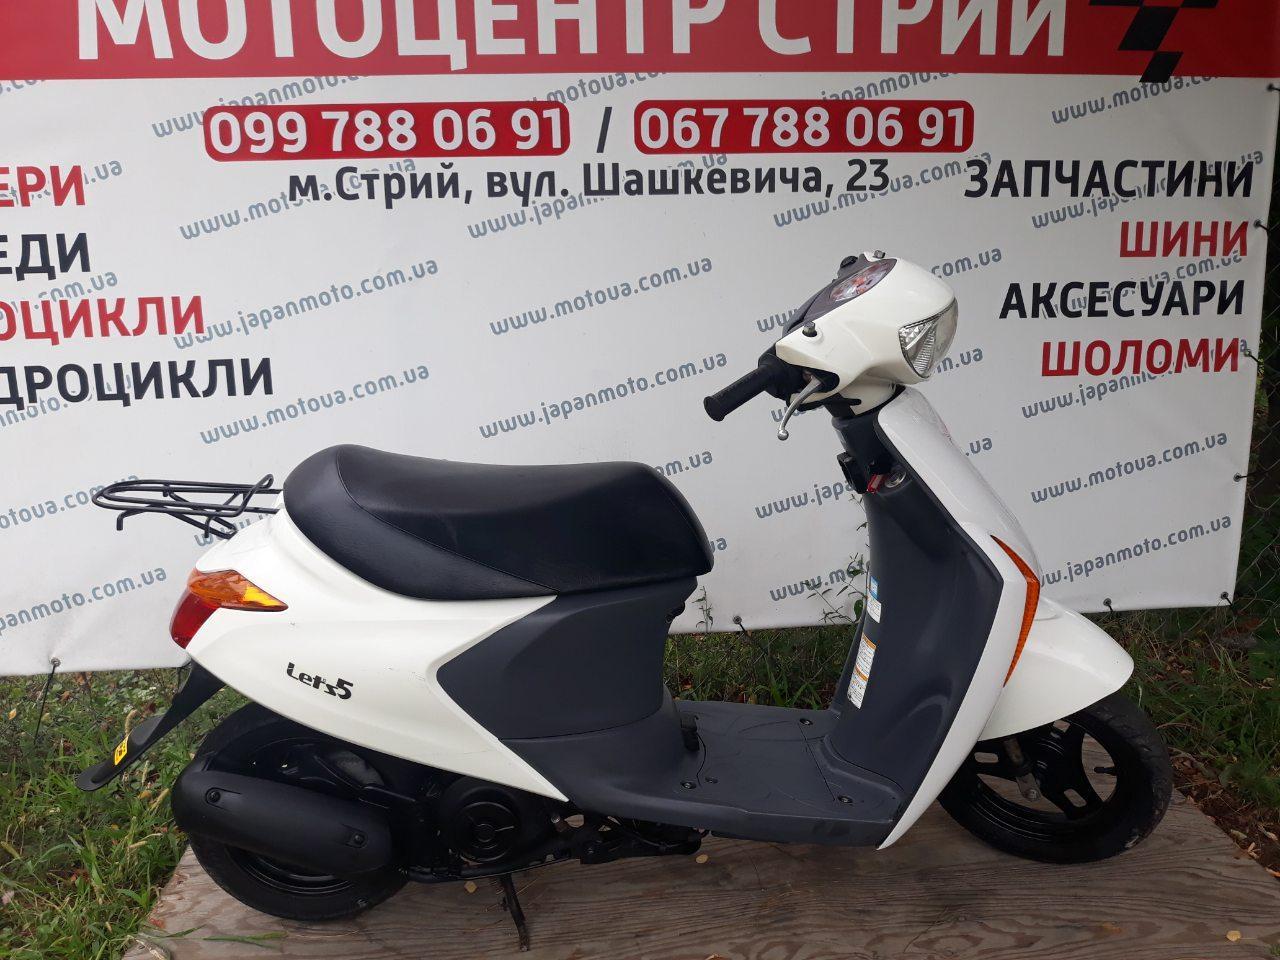 Скутер Suzuki Lets 5 (білий) з Японії